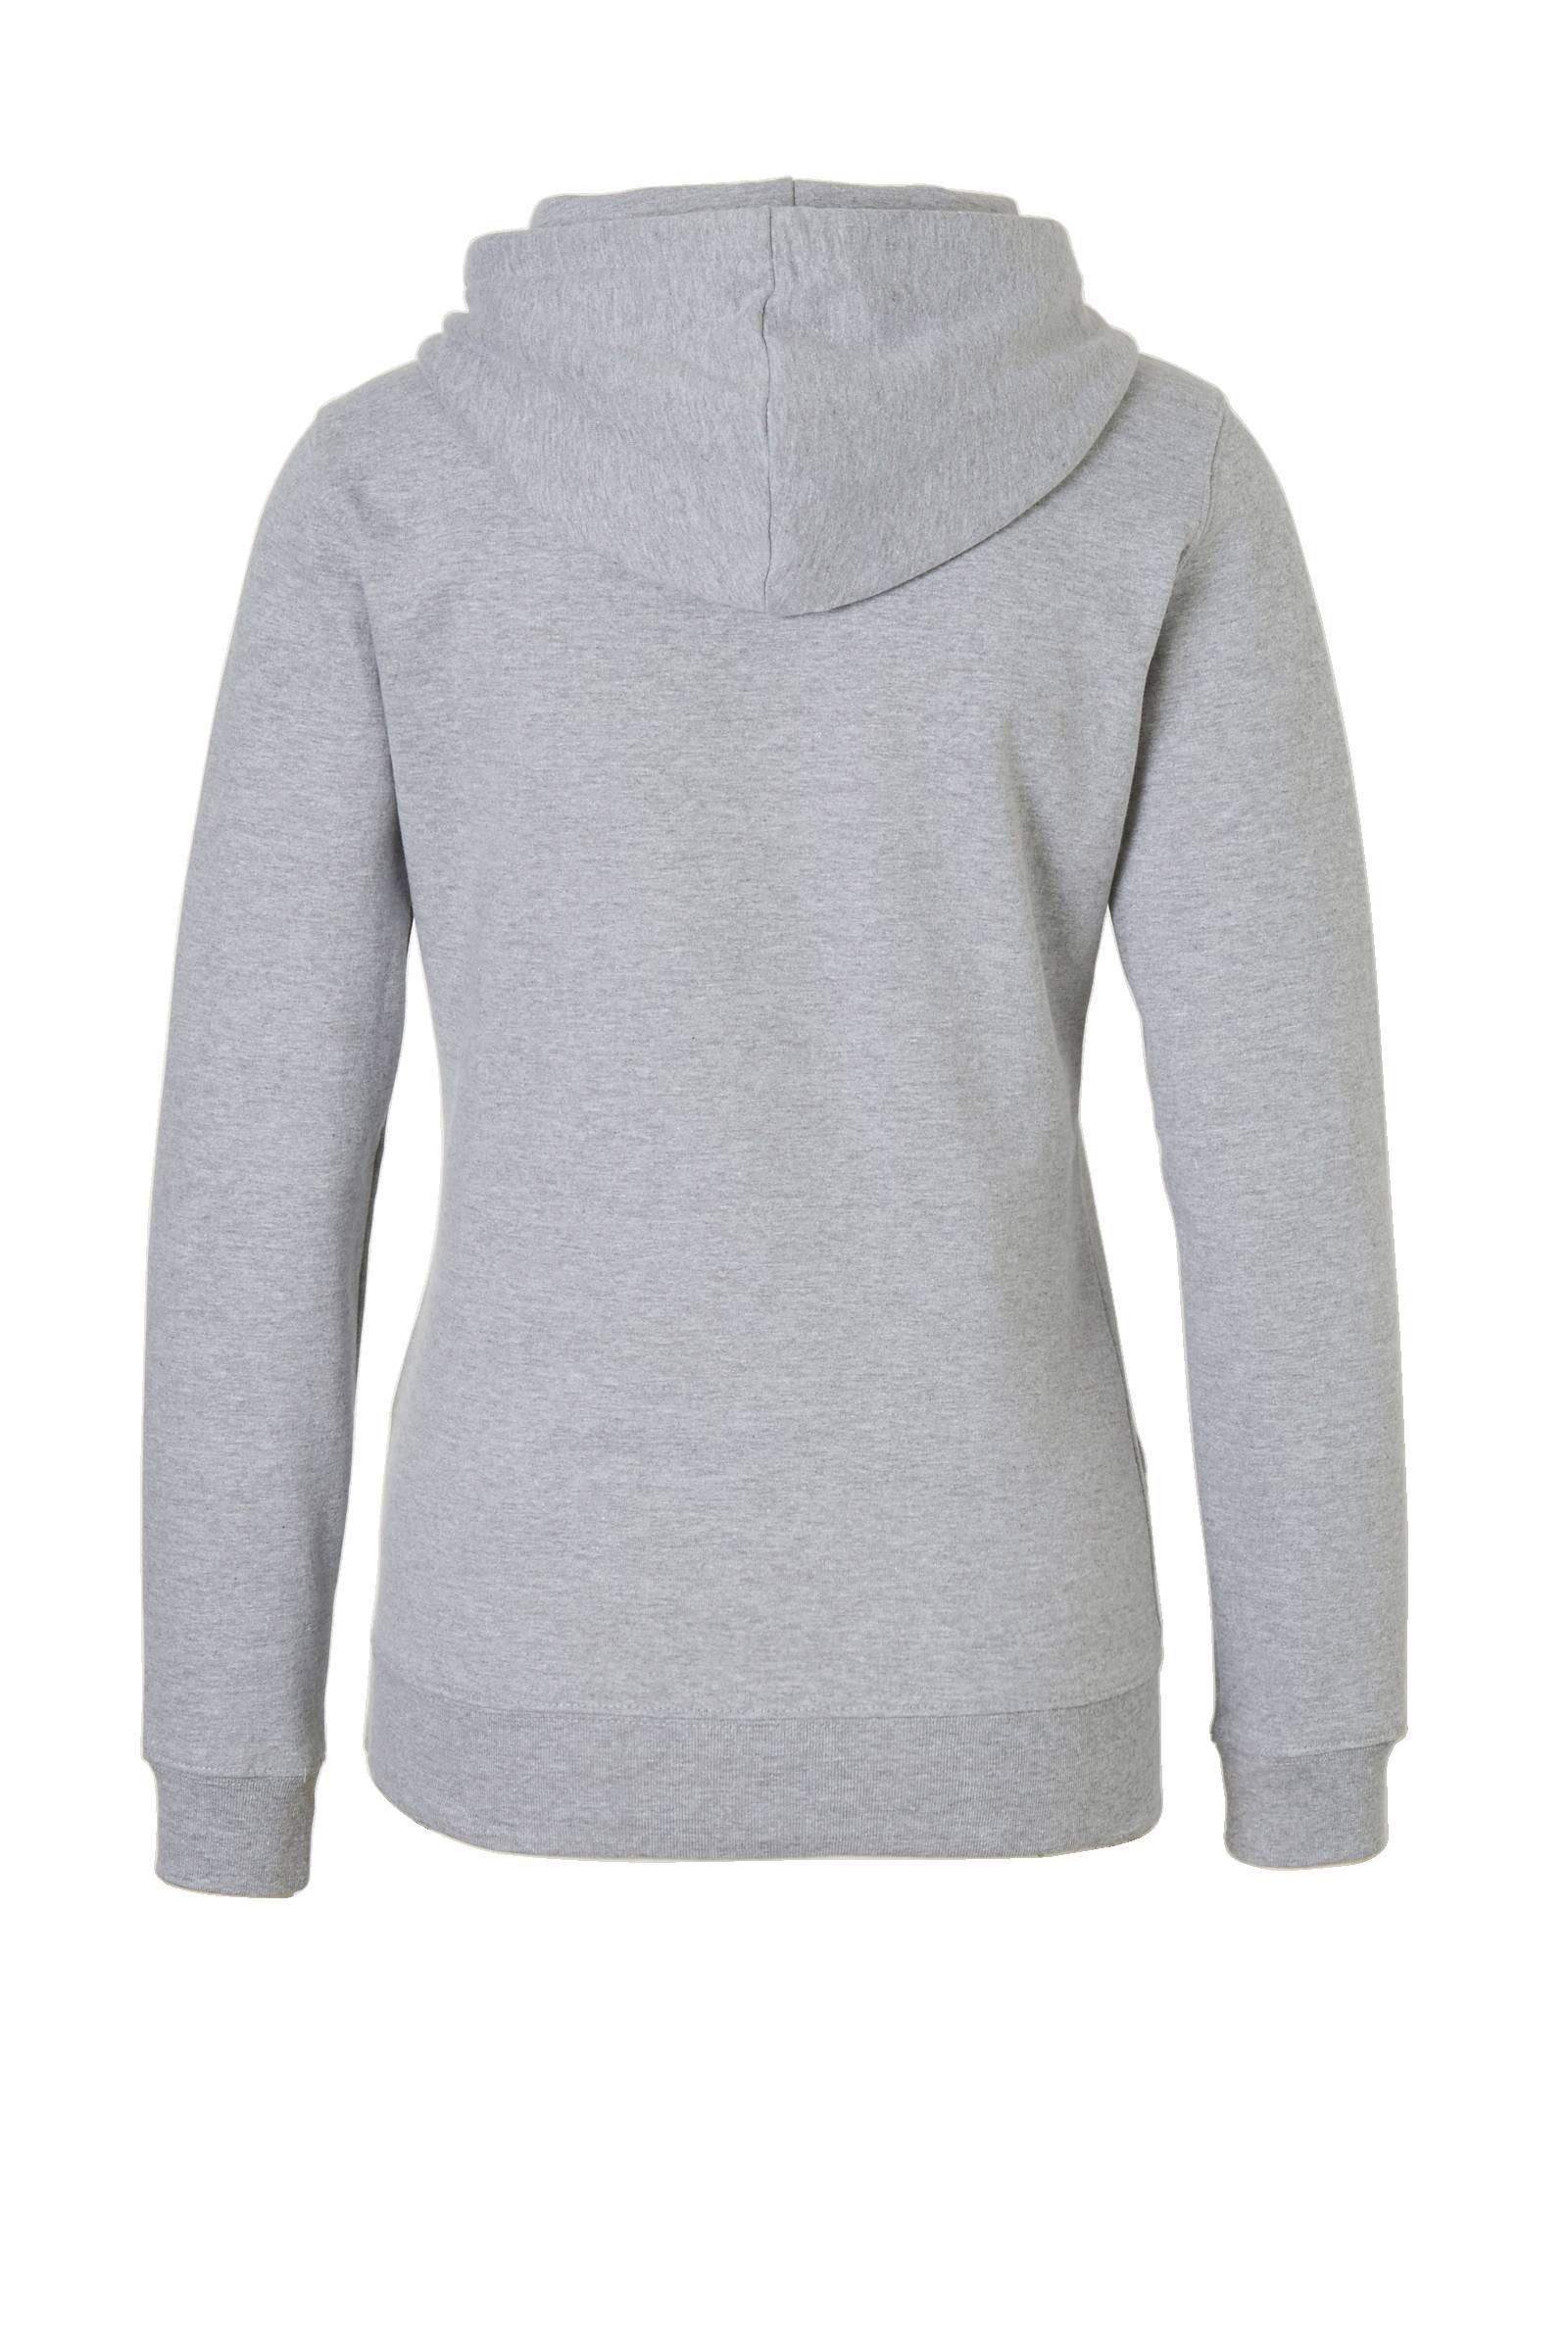 Supertrash hoodie | wehkamp